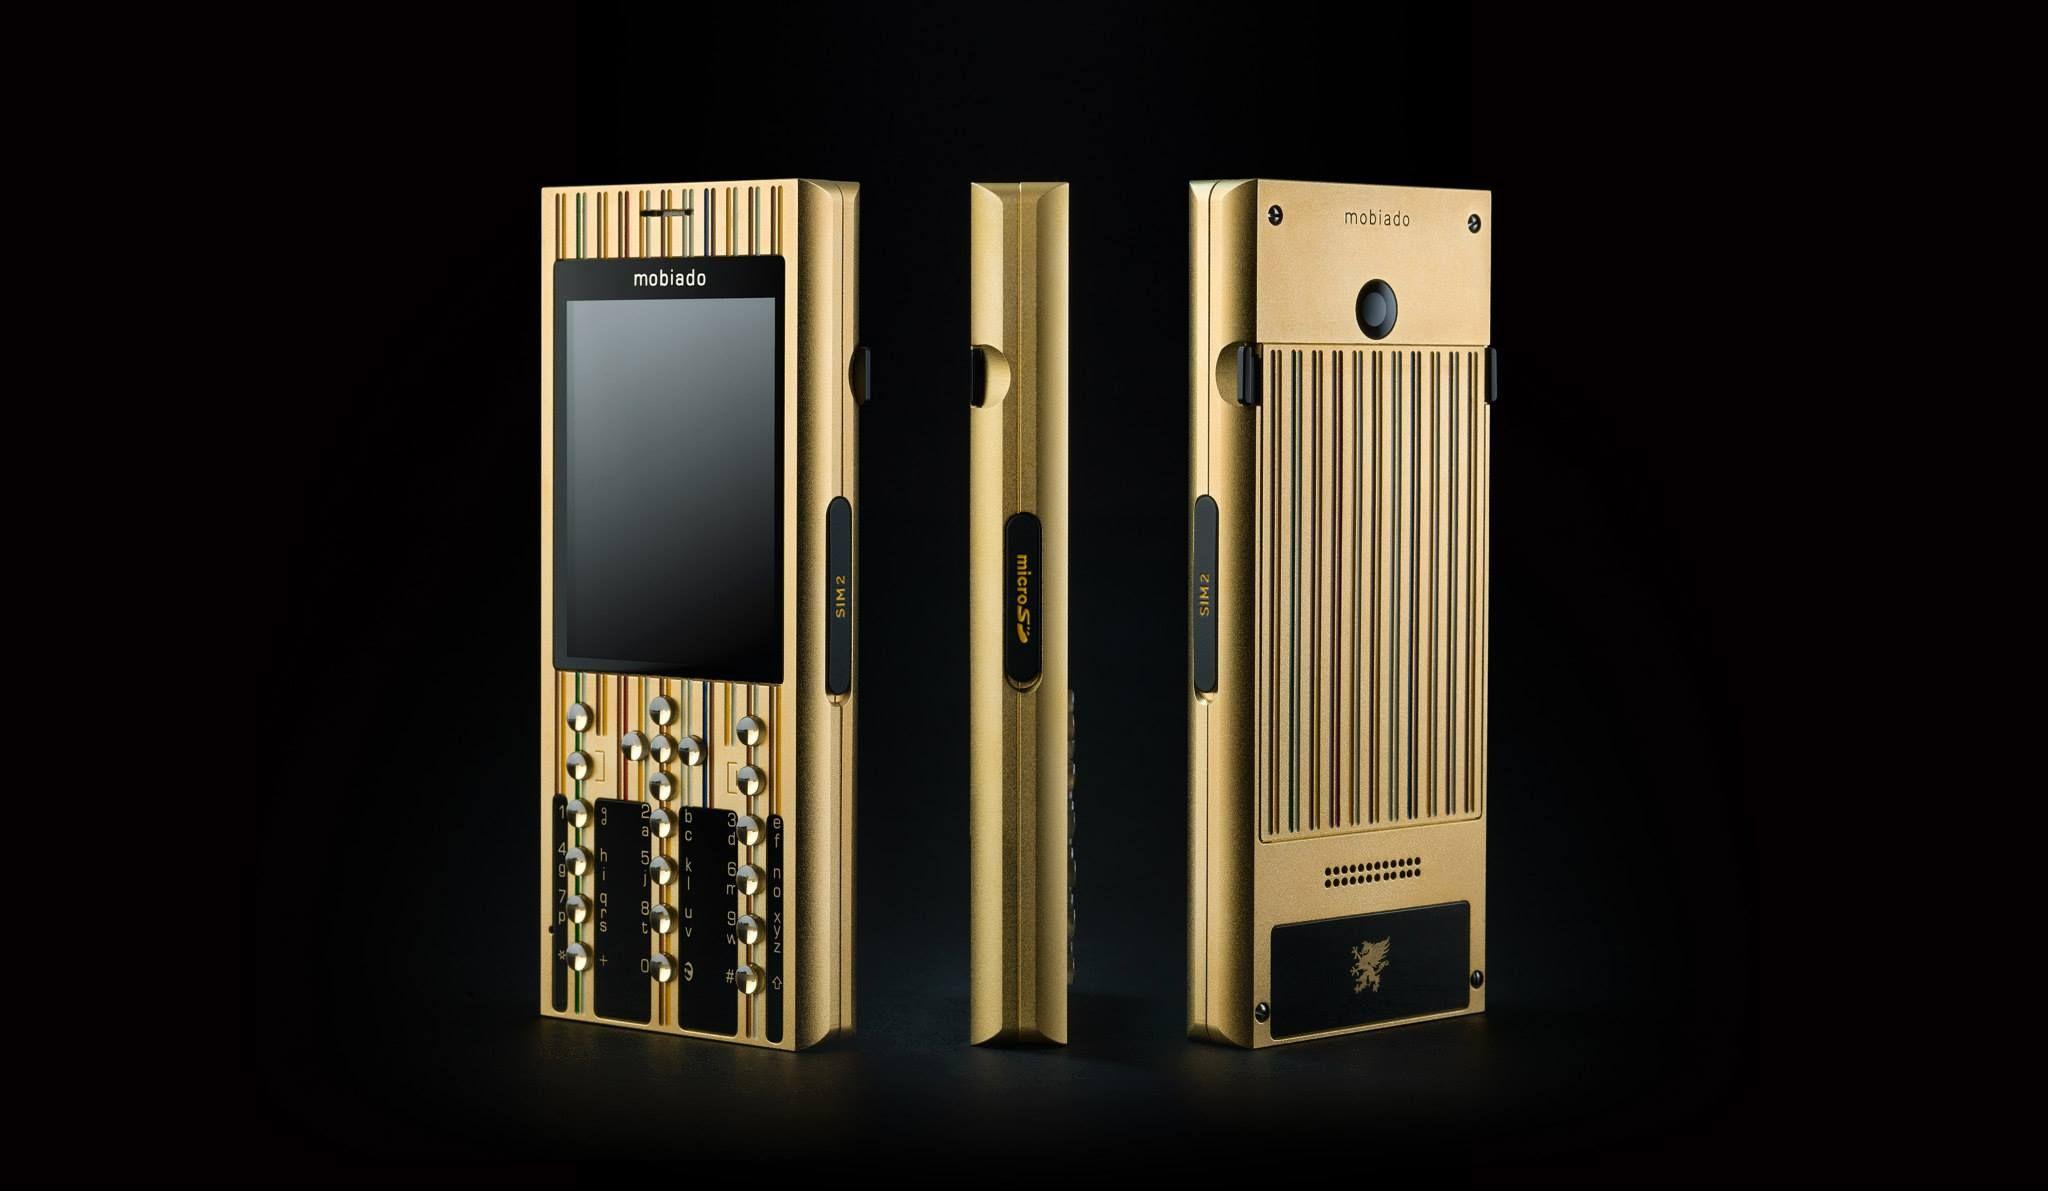 Mobiado Gustav Klimt phone